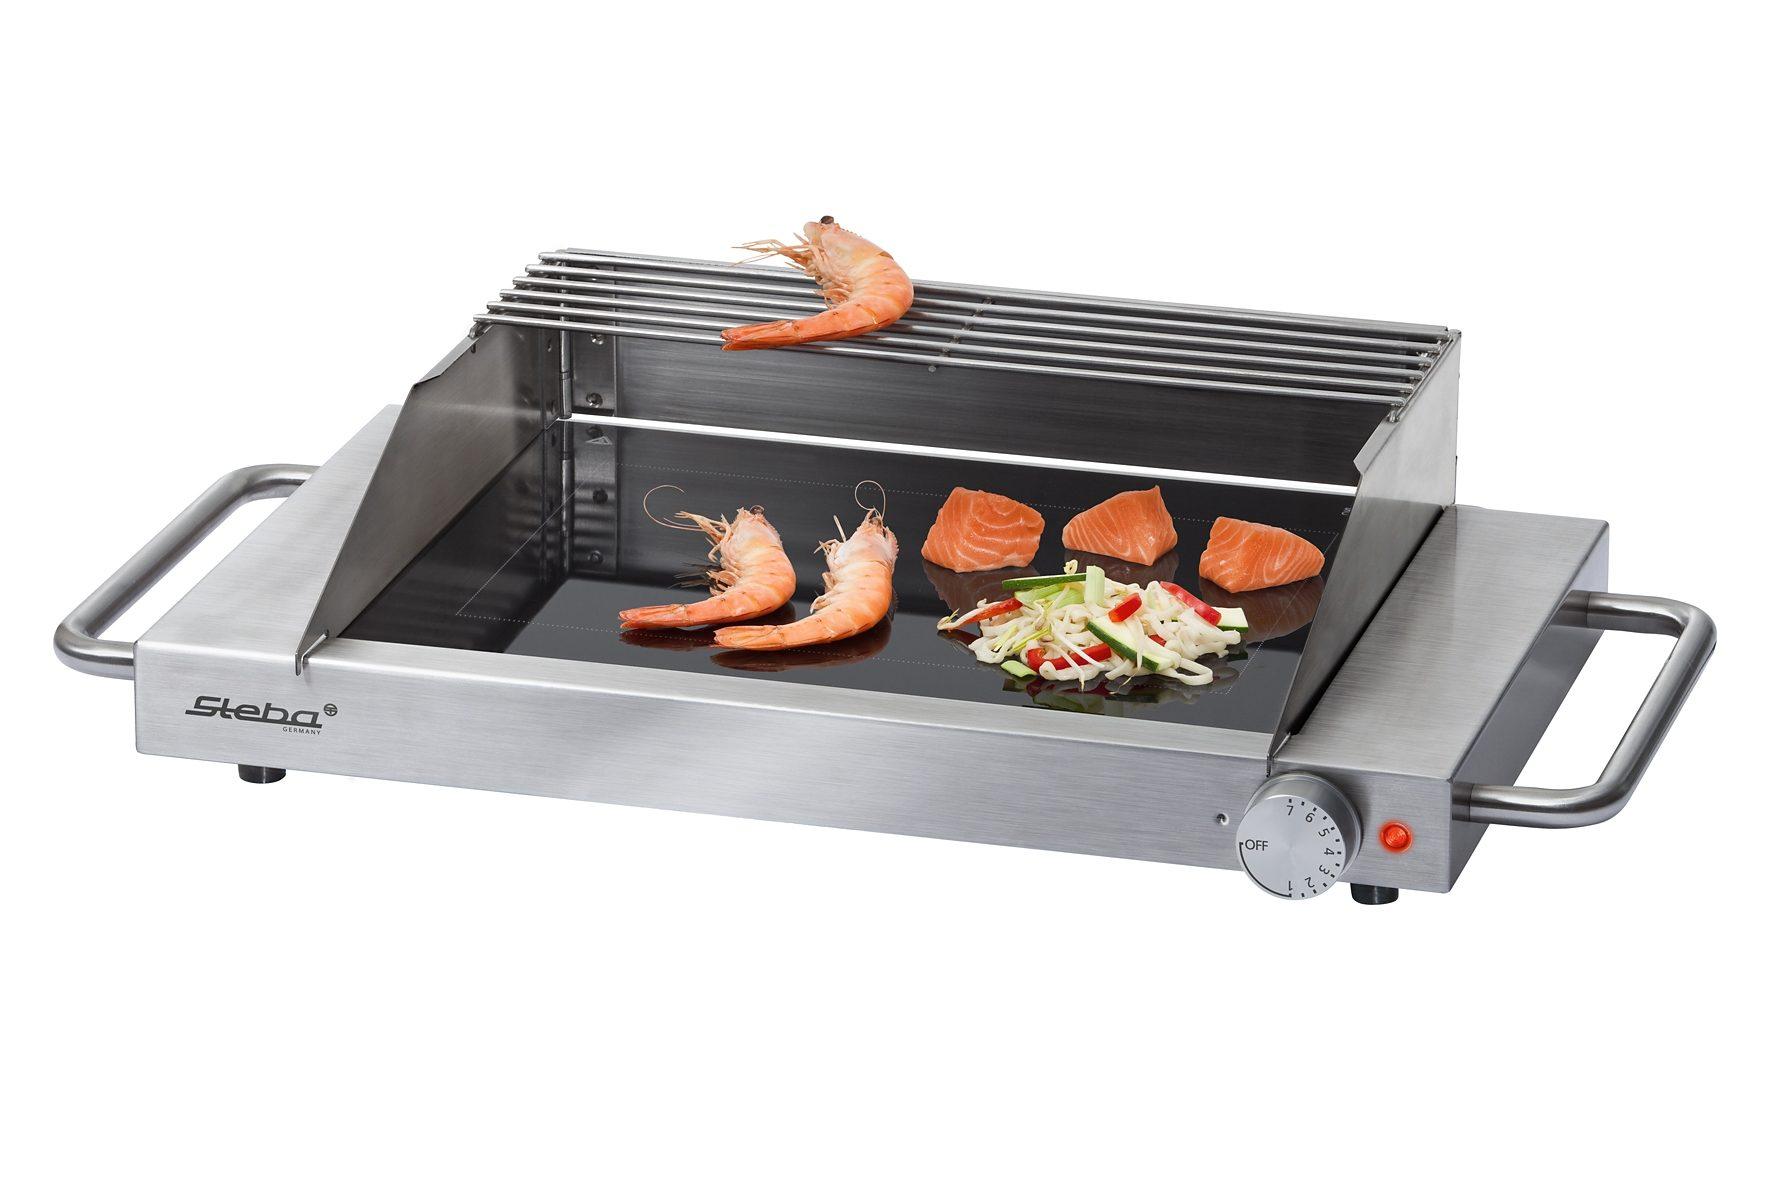 Wmf Lono Elektrogrill Für Drinnen Und Draußen : Die grillsaison ist eröffnet u drinnen und draußen wmf consumer